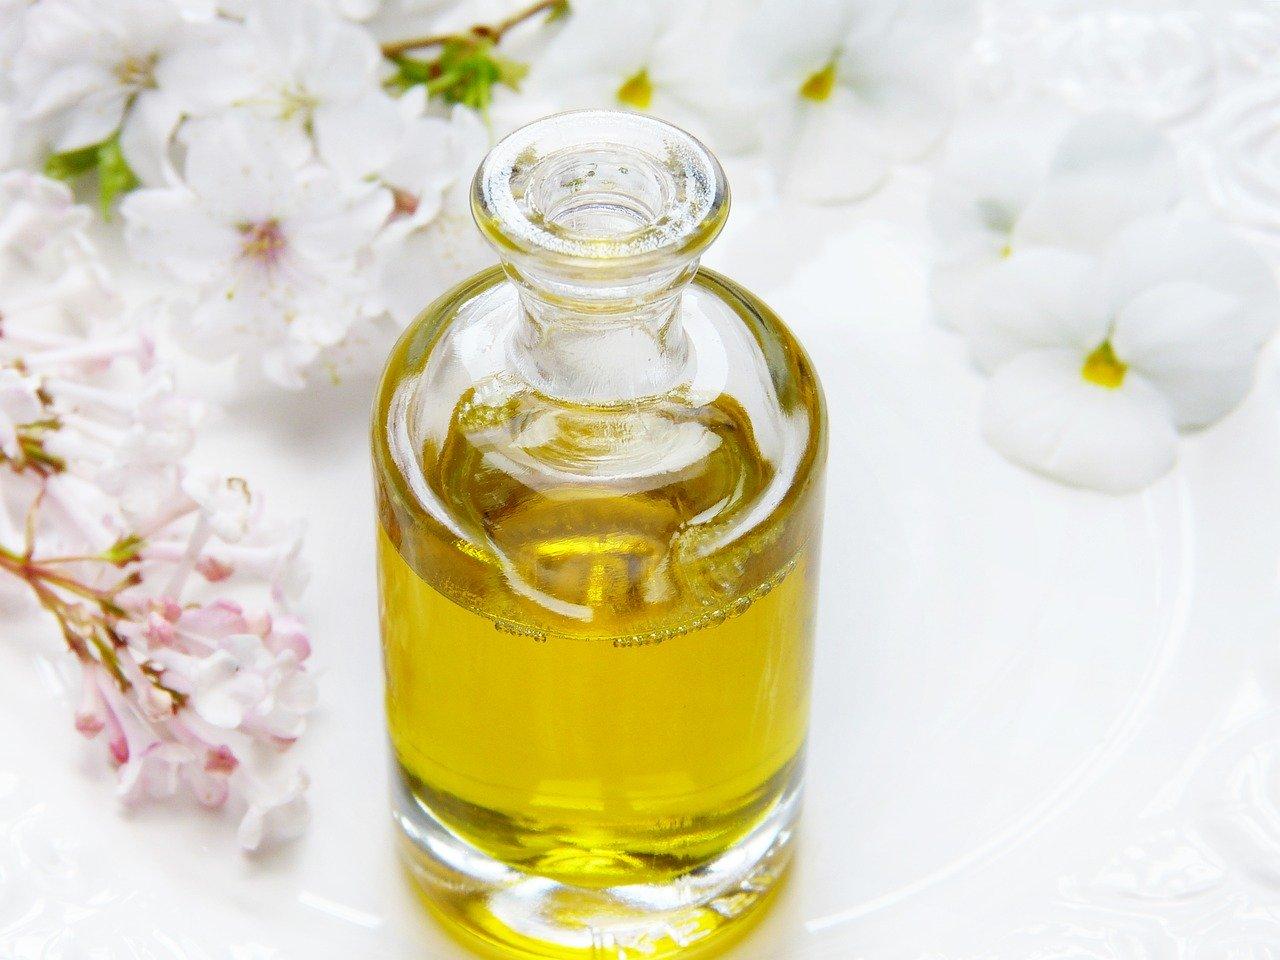 Zdrowie z olejków cbd